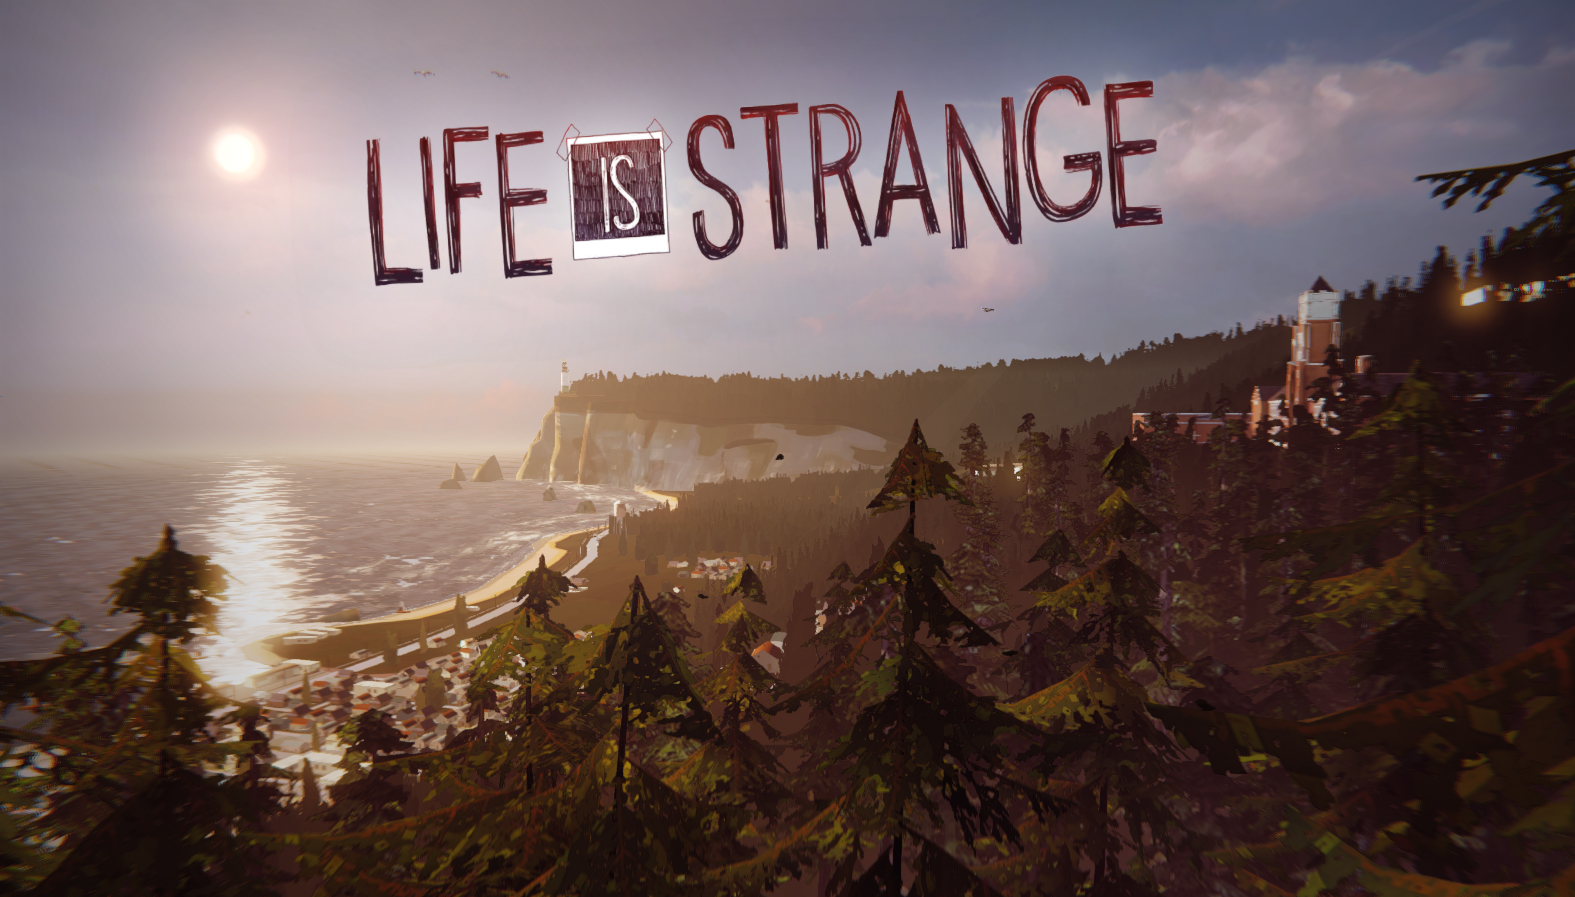 Harmonie (Life is Strange)